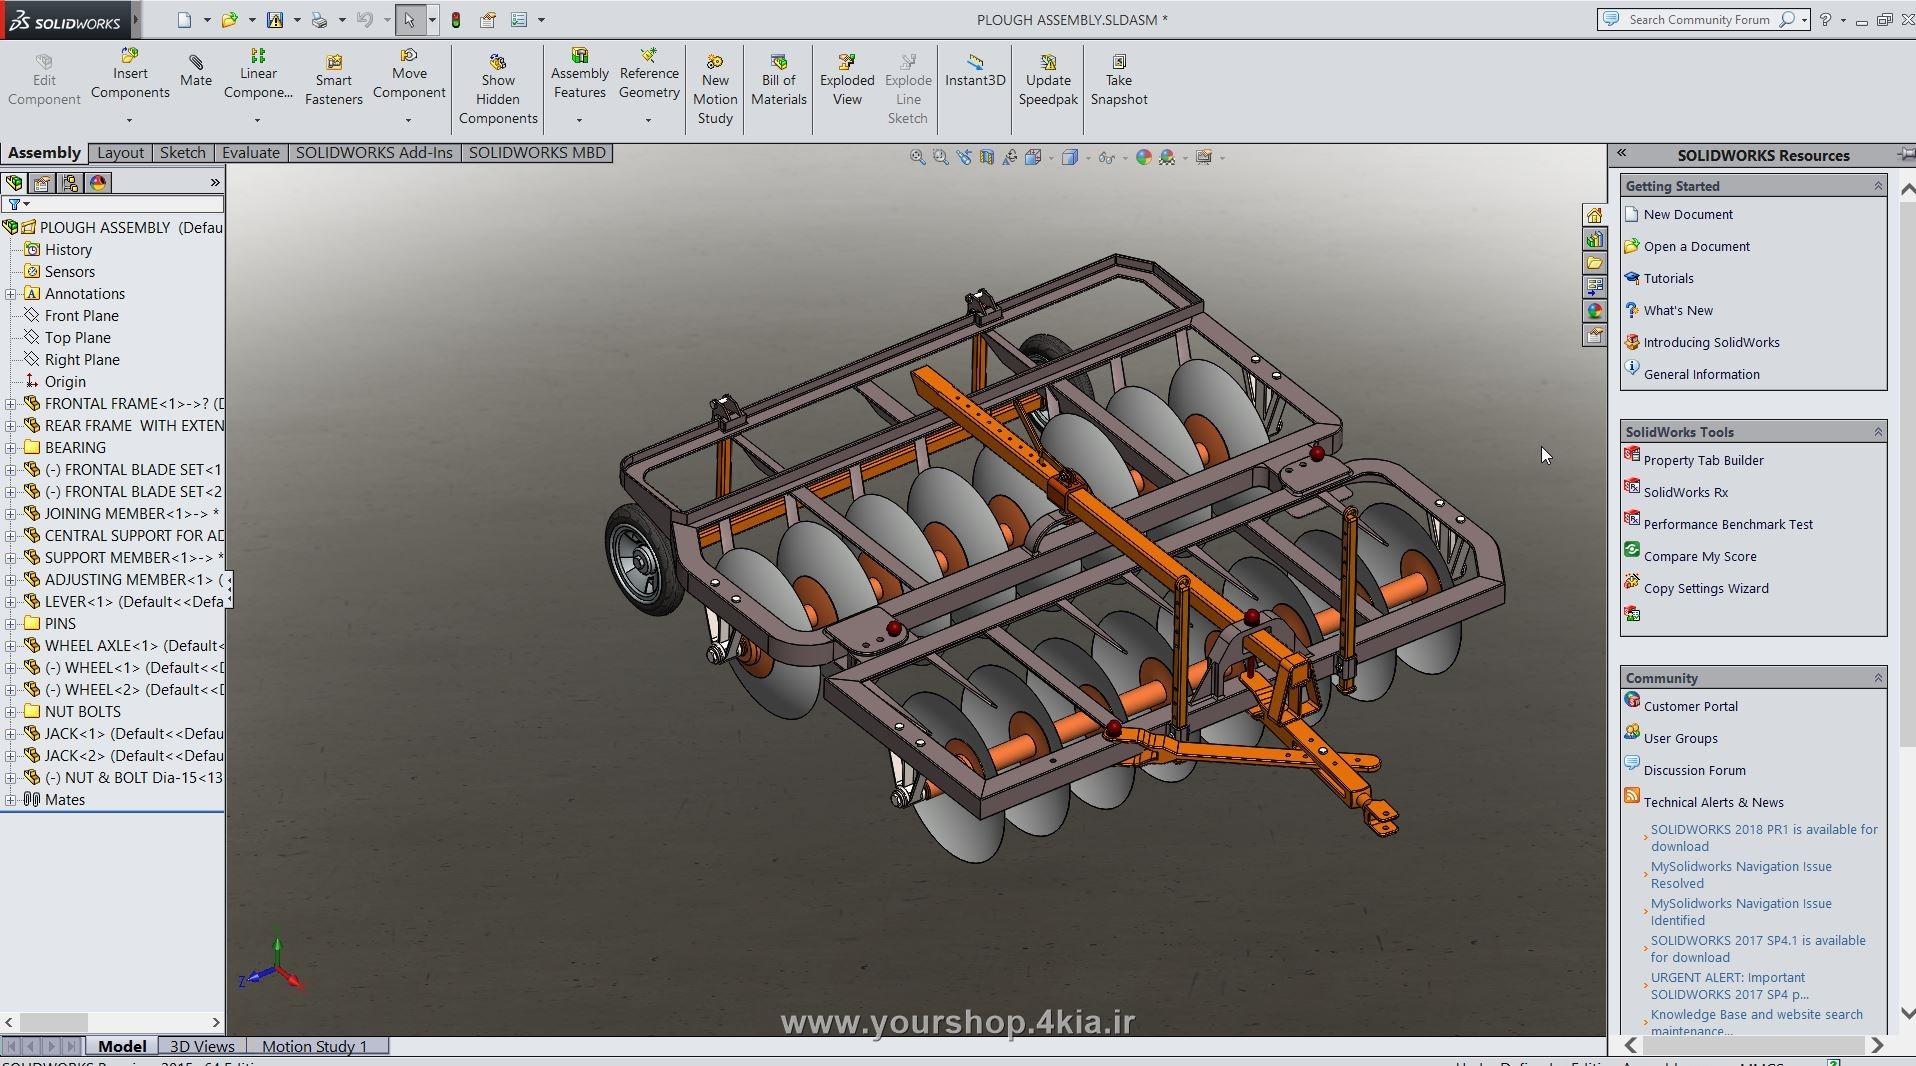 طراحی دیسک در solidwork ، آموزش سالیدورک ، طراحی ادوات کشاورزی در سالیدورک ، اندازه قطعات دیسک کشاورزی